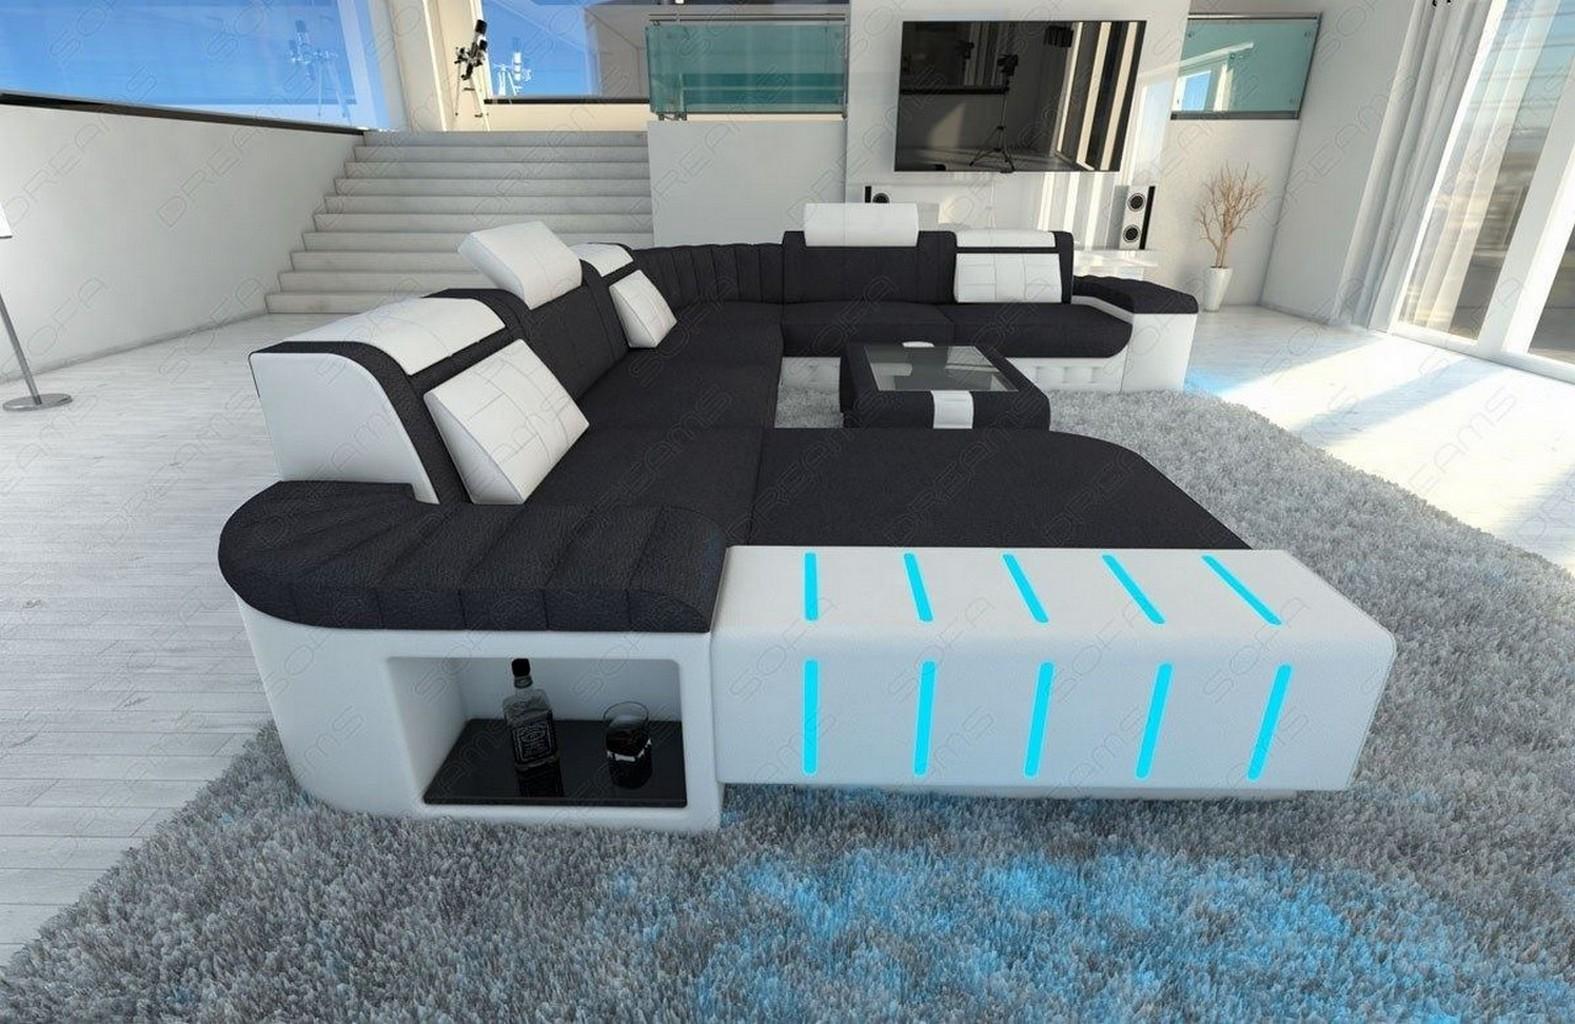 Luxus eckcouch wohnlandschaft bellagio xxl designersofa for Couch xxl ottomane